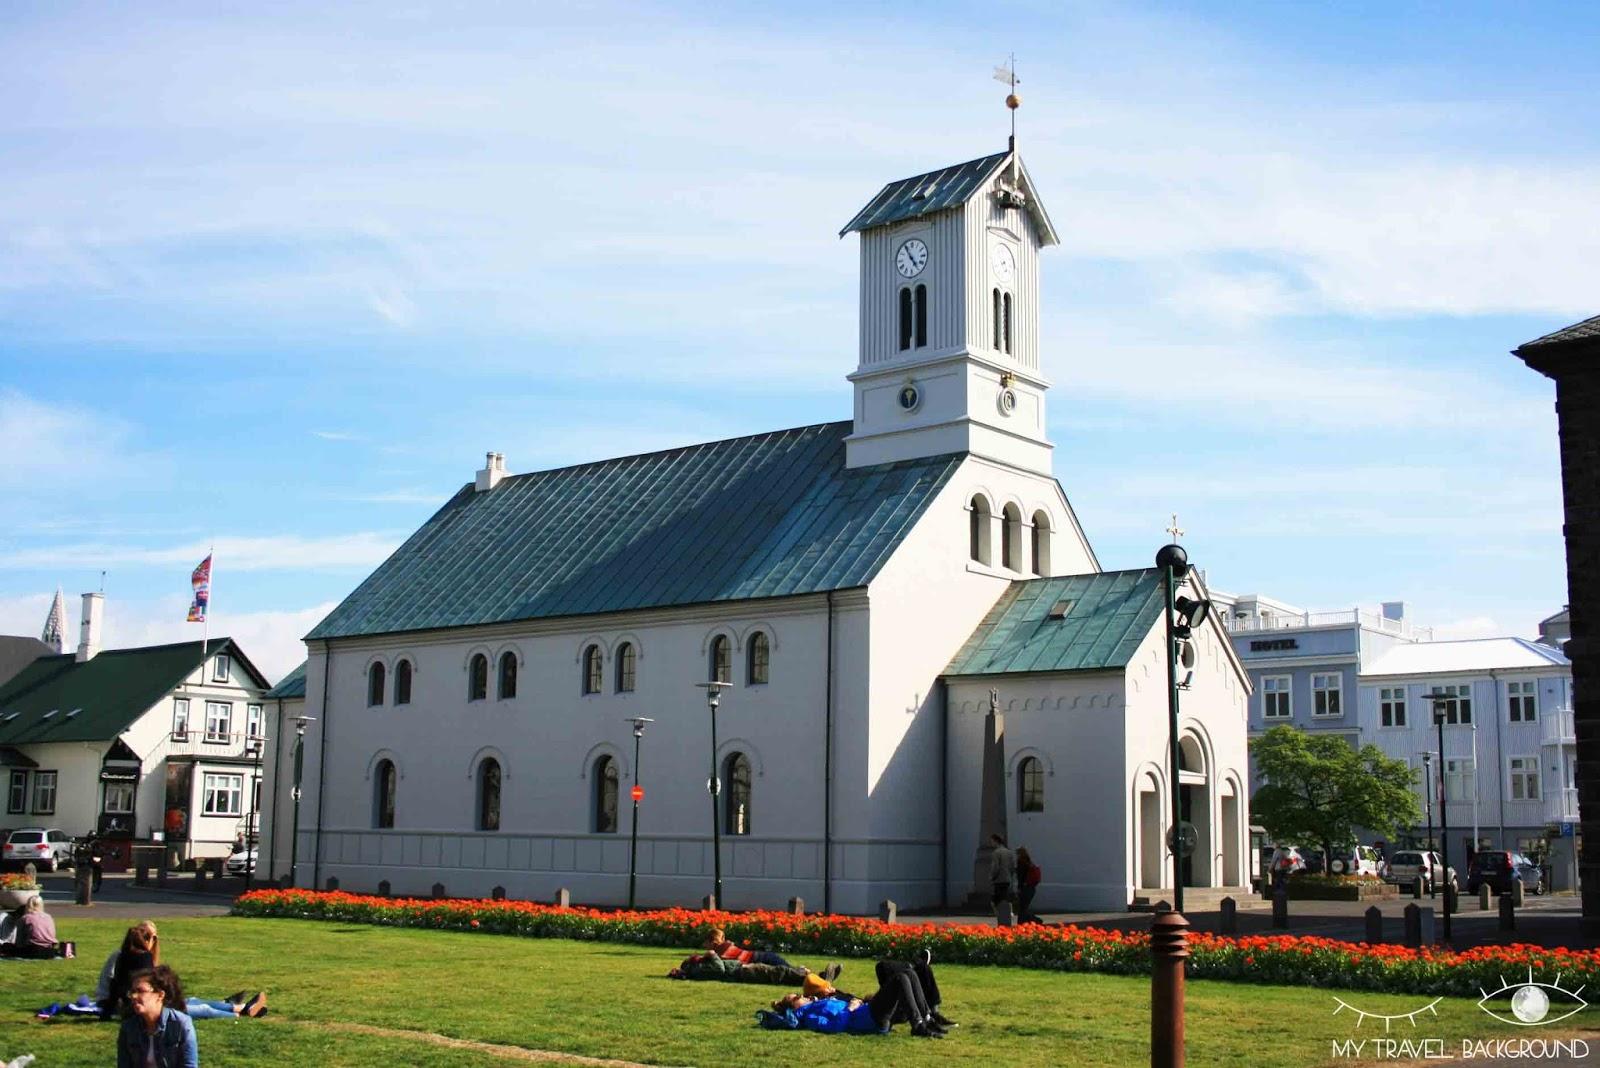 My Travel Background : que voir à Reykjavik? Visiter la ville en 1 jour, les essentiels - Le centre-ville